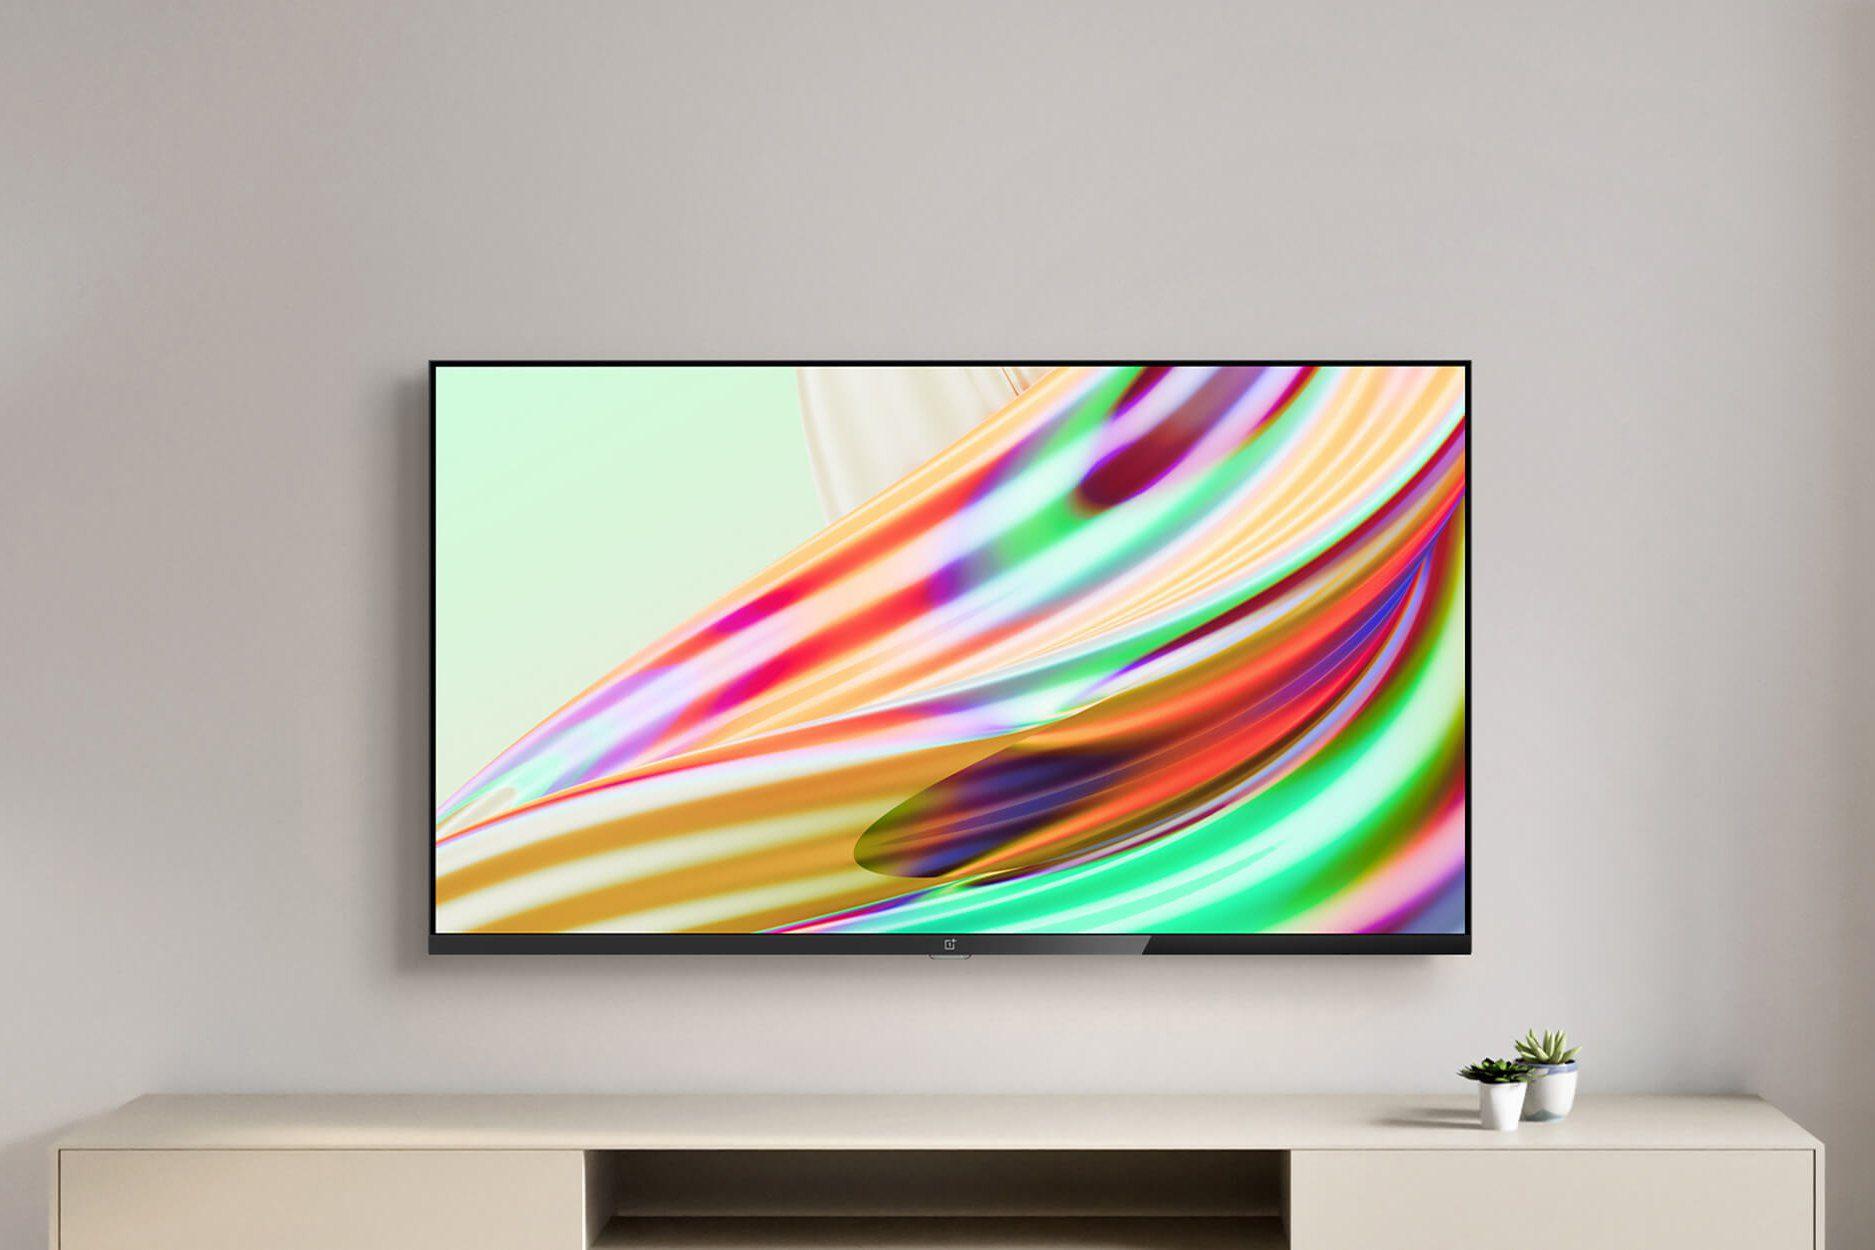 Цены на телевизоры могут окончательно упасть до конца 2021 года